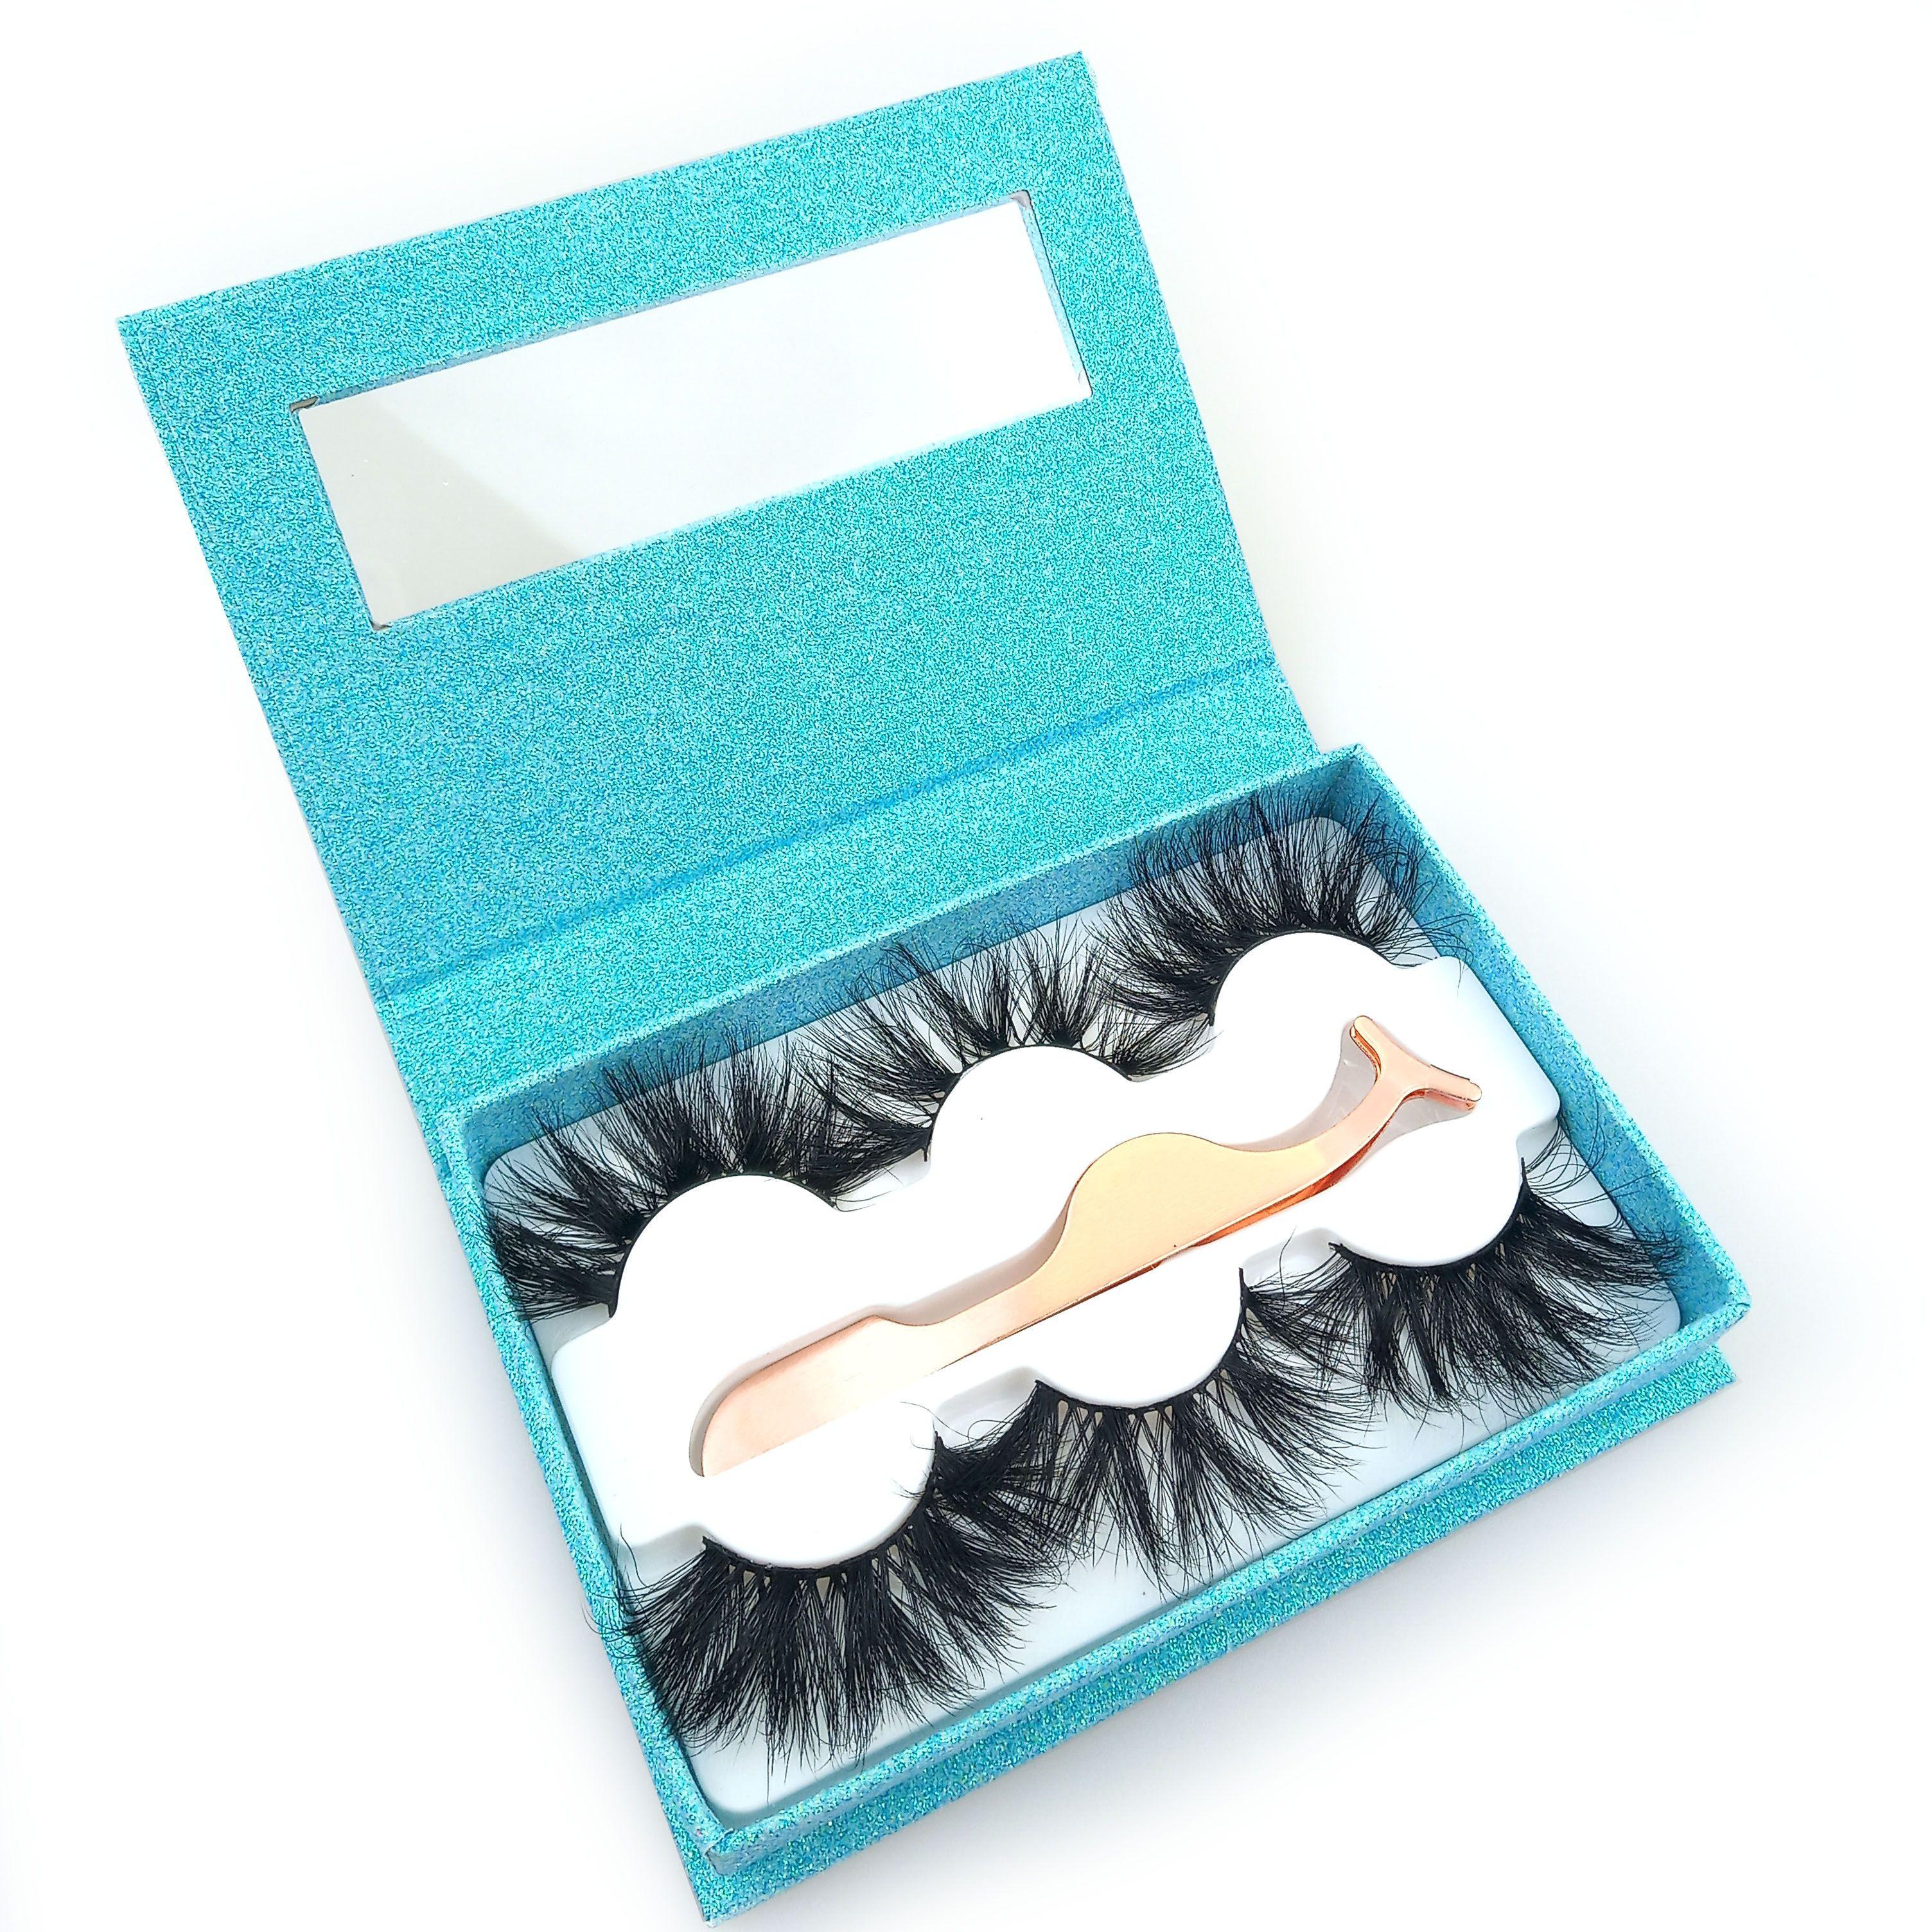 5D MINK Eyelashes